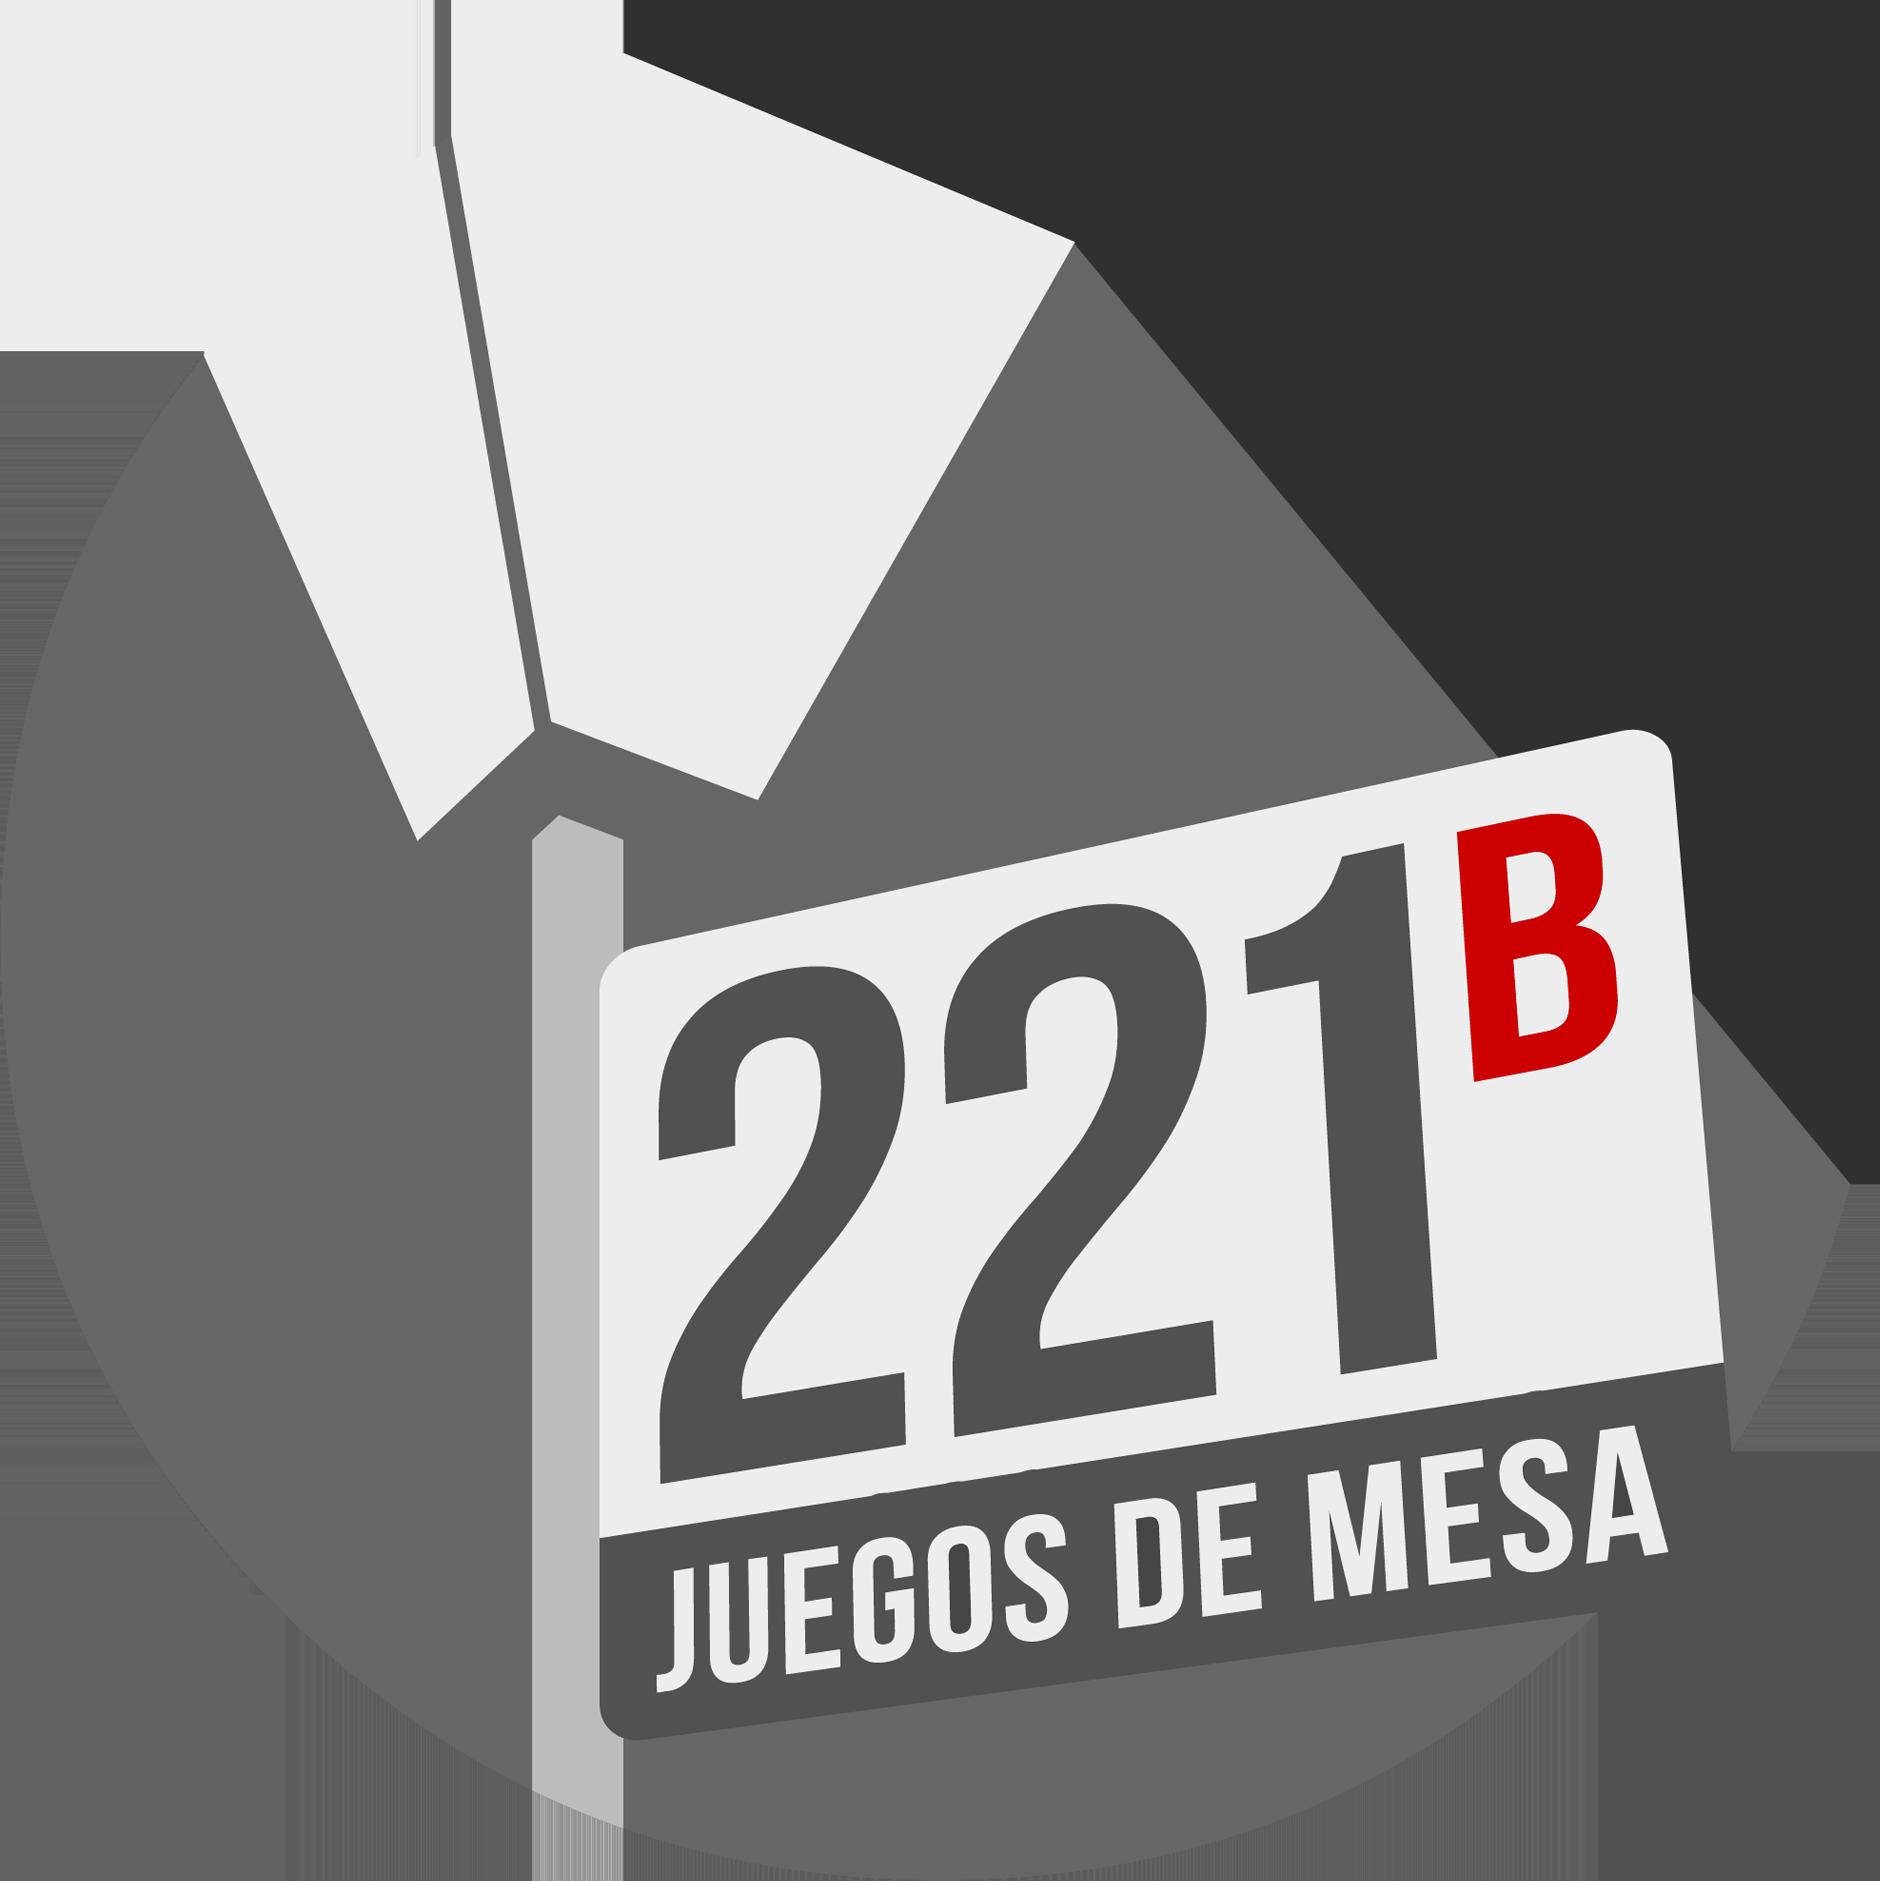 juegosdemesa221b